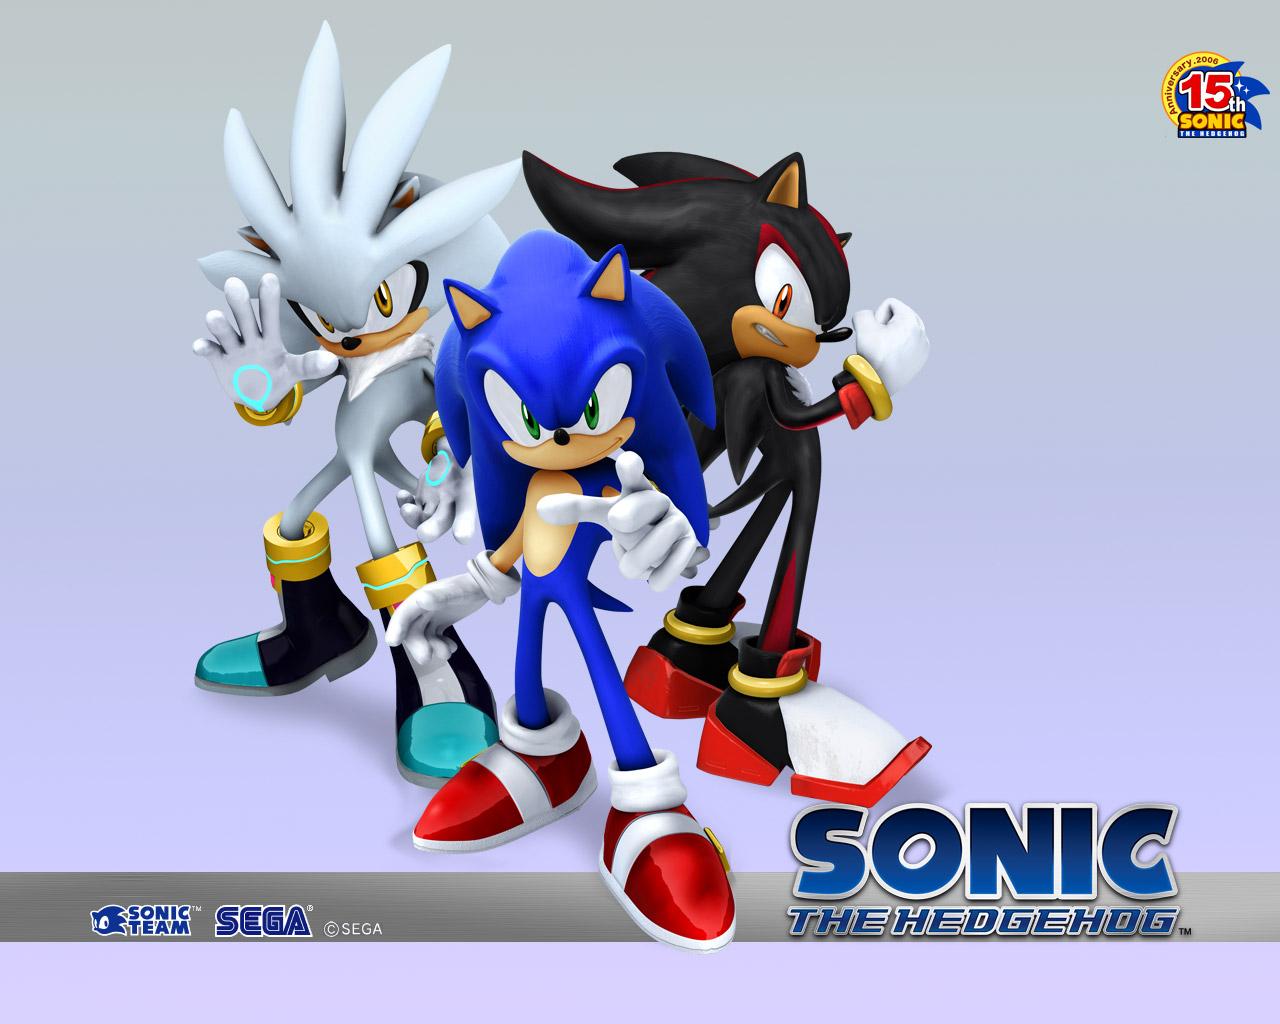 http://2.bp.blogspot.com/-am7RpngvMCE/T6G5NoBfKOI/AAAAAAAABz0/kWBvBA5xp6g/s1600/Sonic+HD+Wallpaper++By+Maceme+Wallpaper.jpg